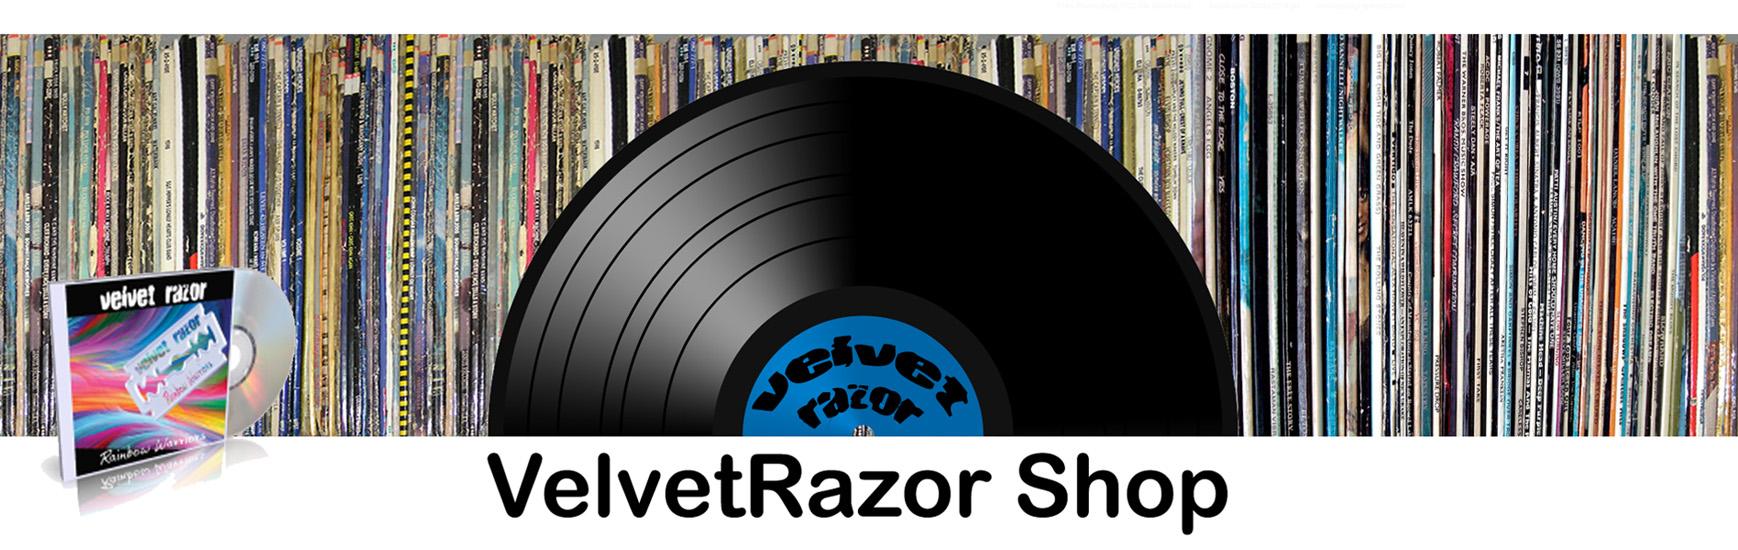 VelvetRazor Shop